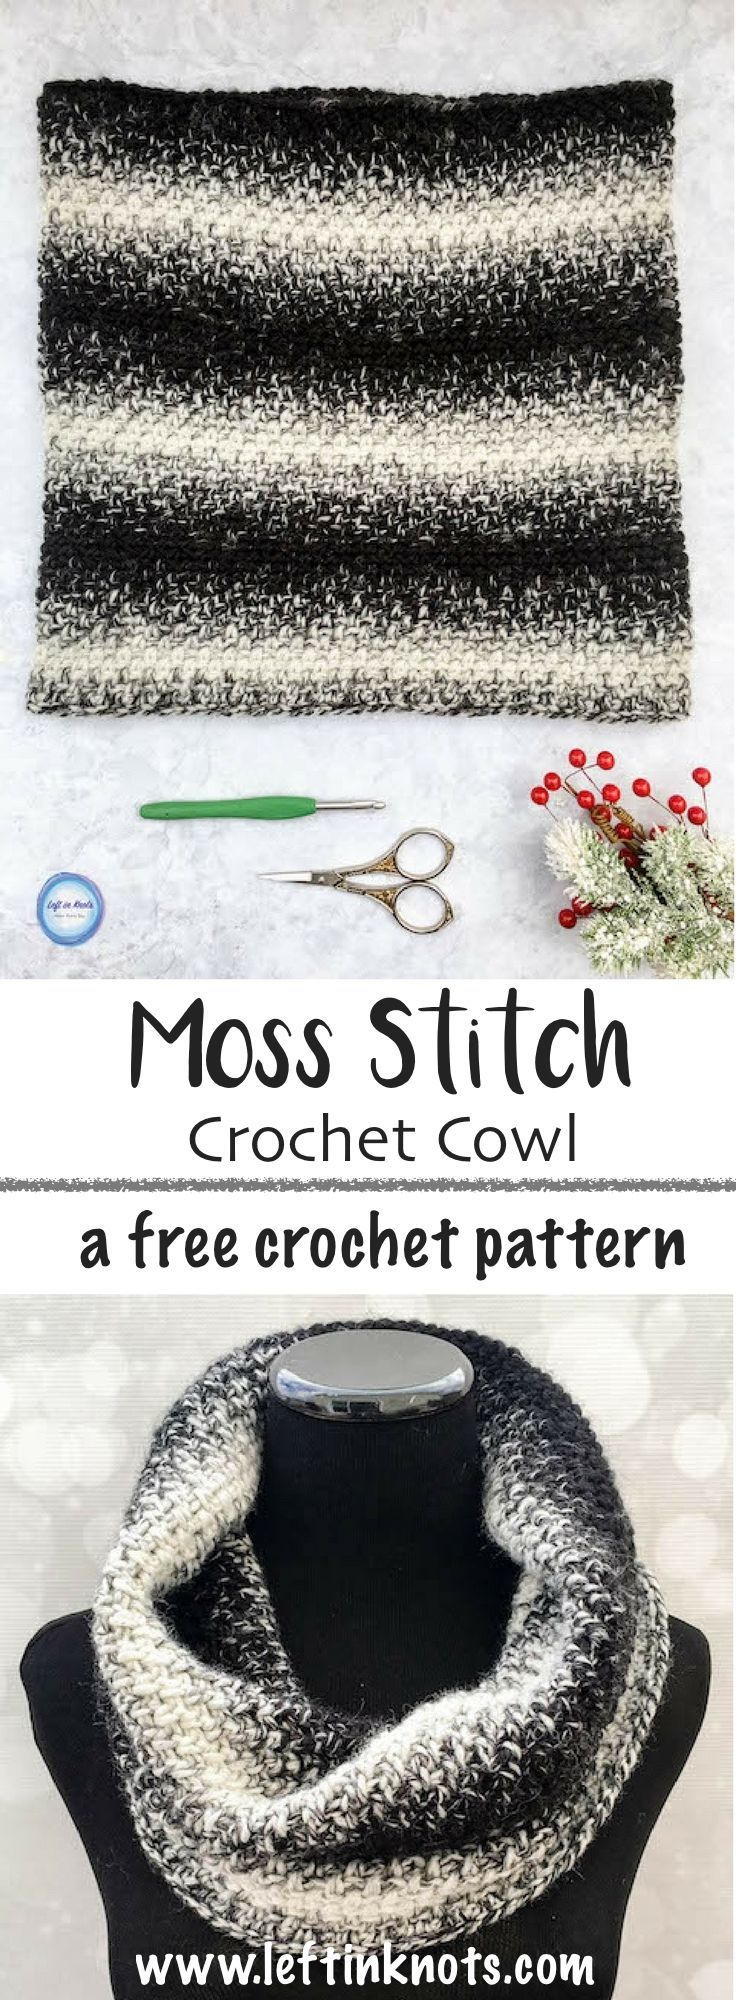 Mejores 18 imágenes de Crochet en Pinterest | Alfombras, Artesanía y ...